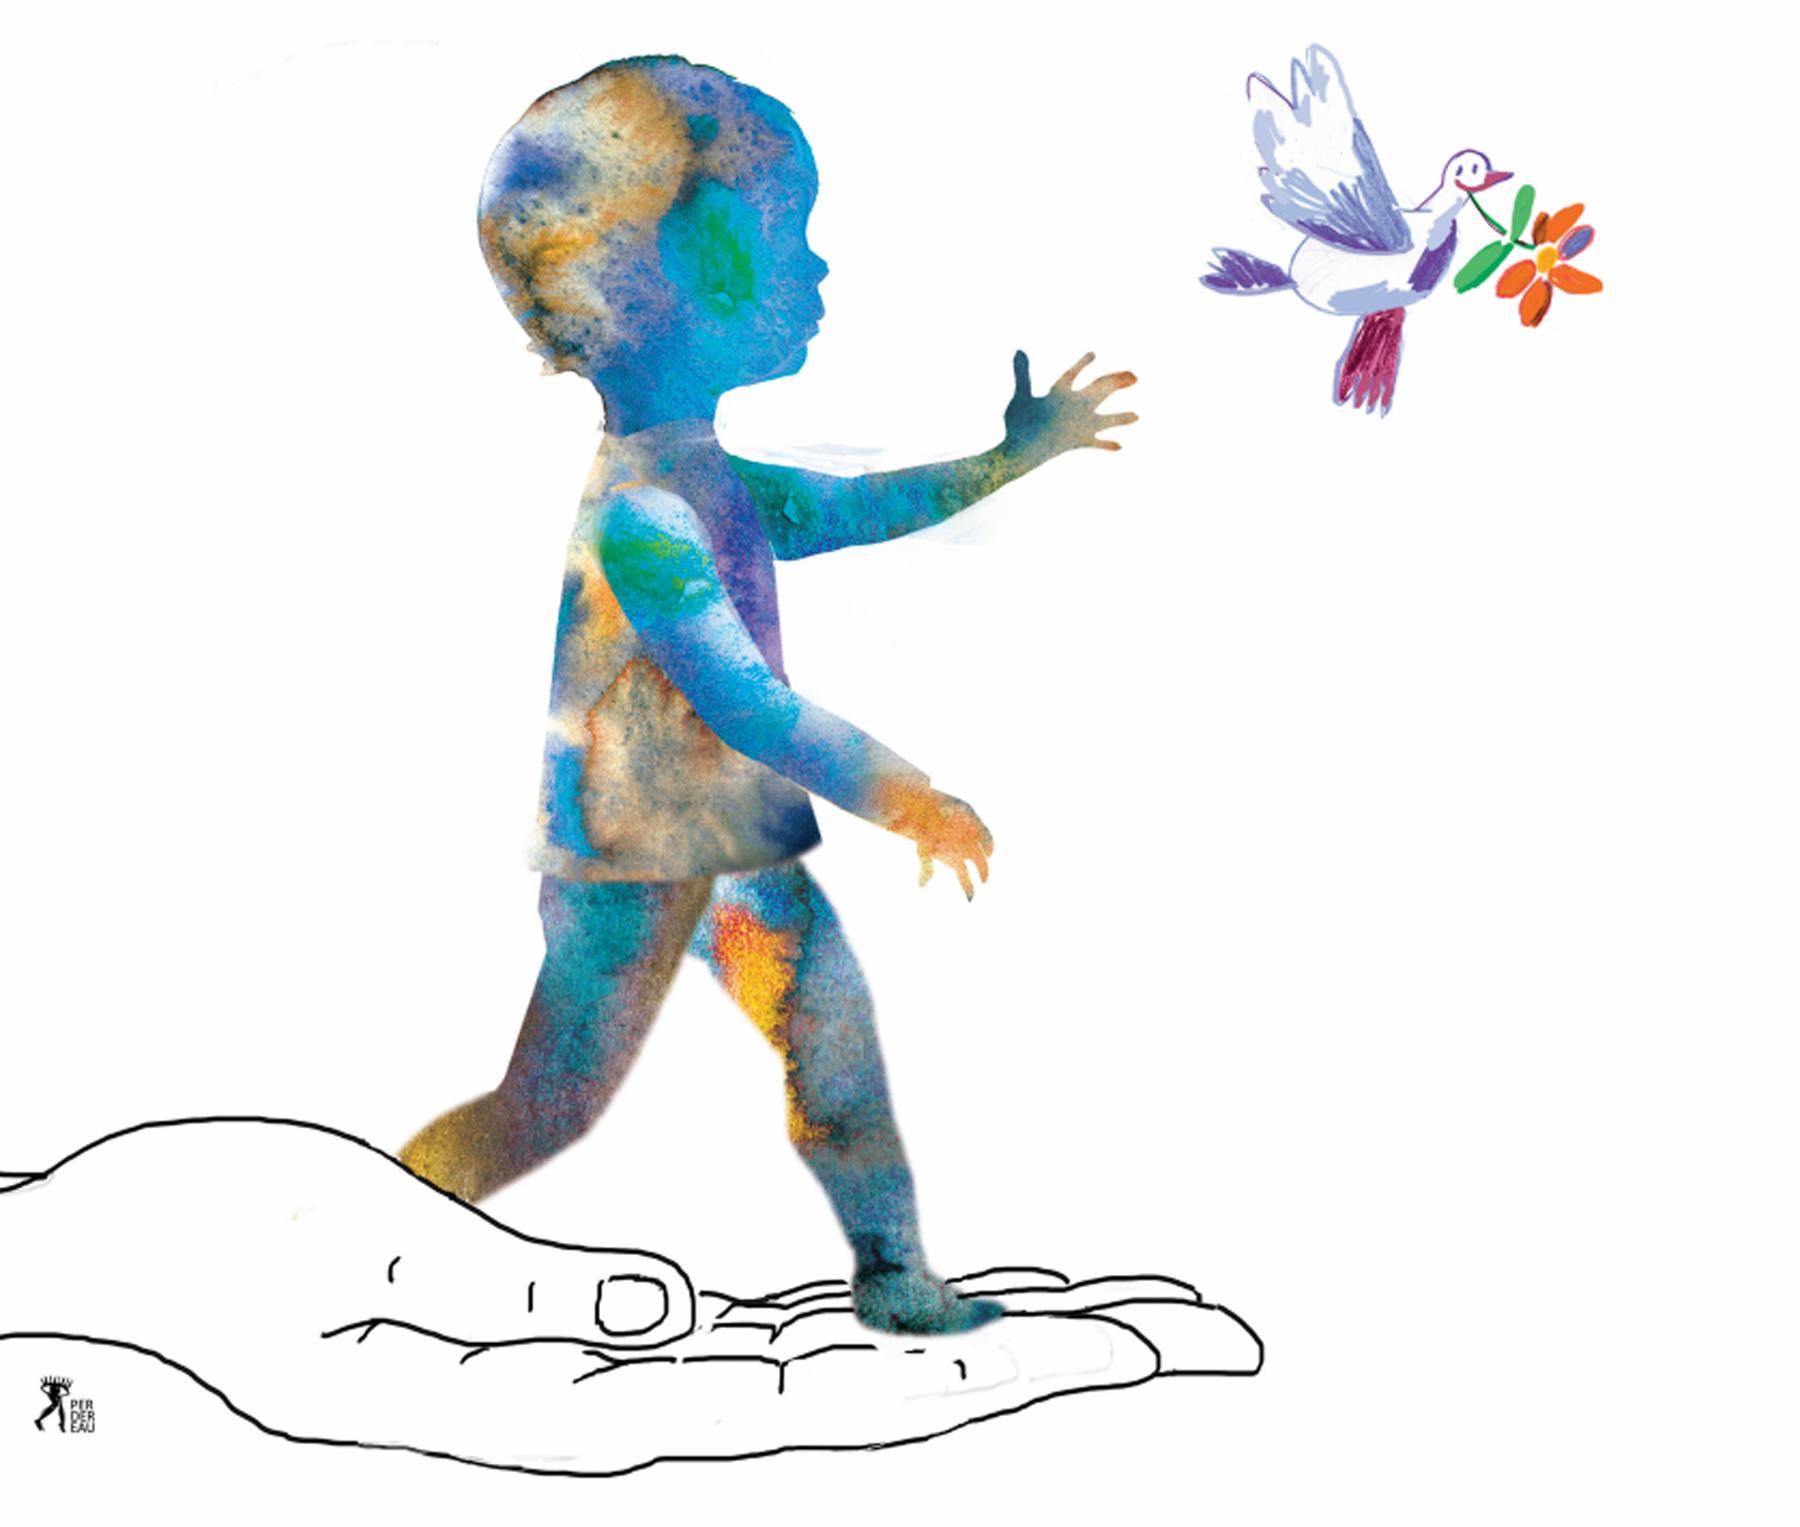 Giornata internazionale per eliminazione della povertà, 17 ottobre 2019